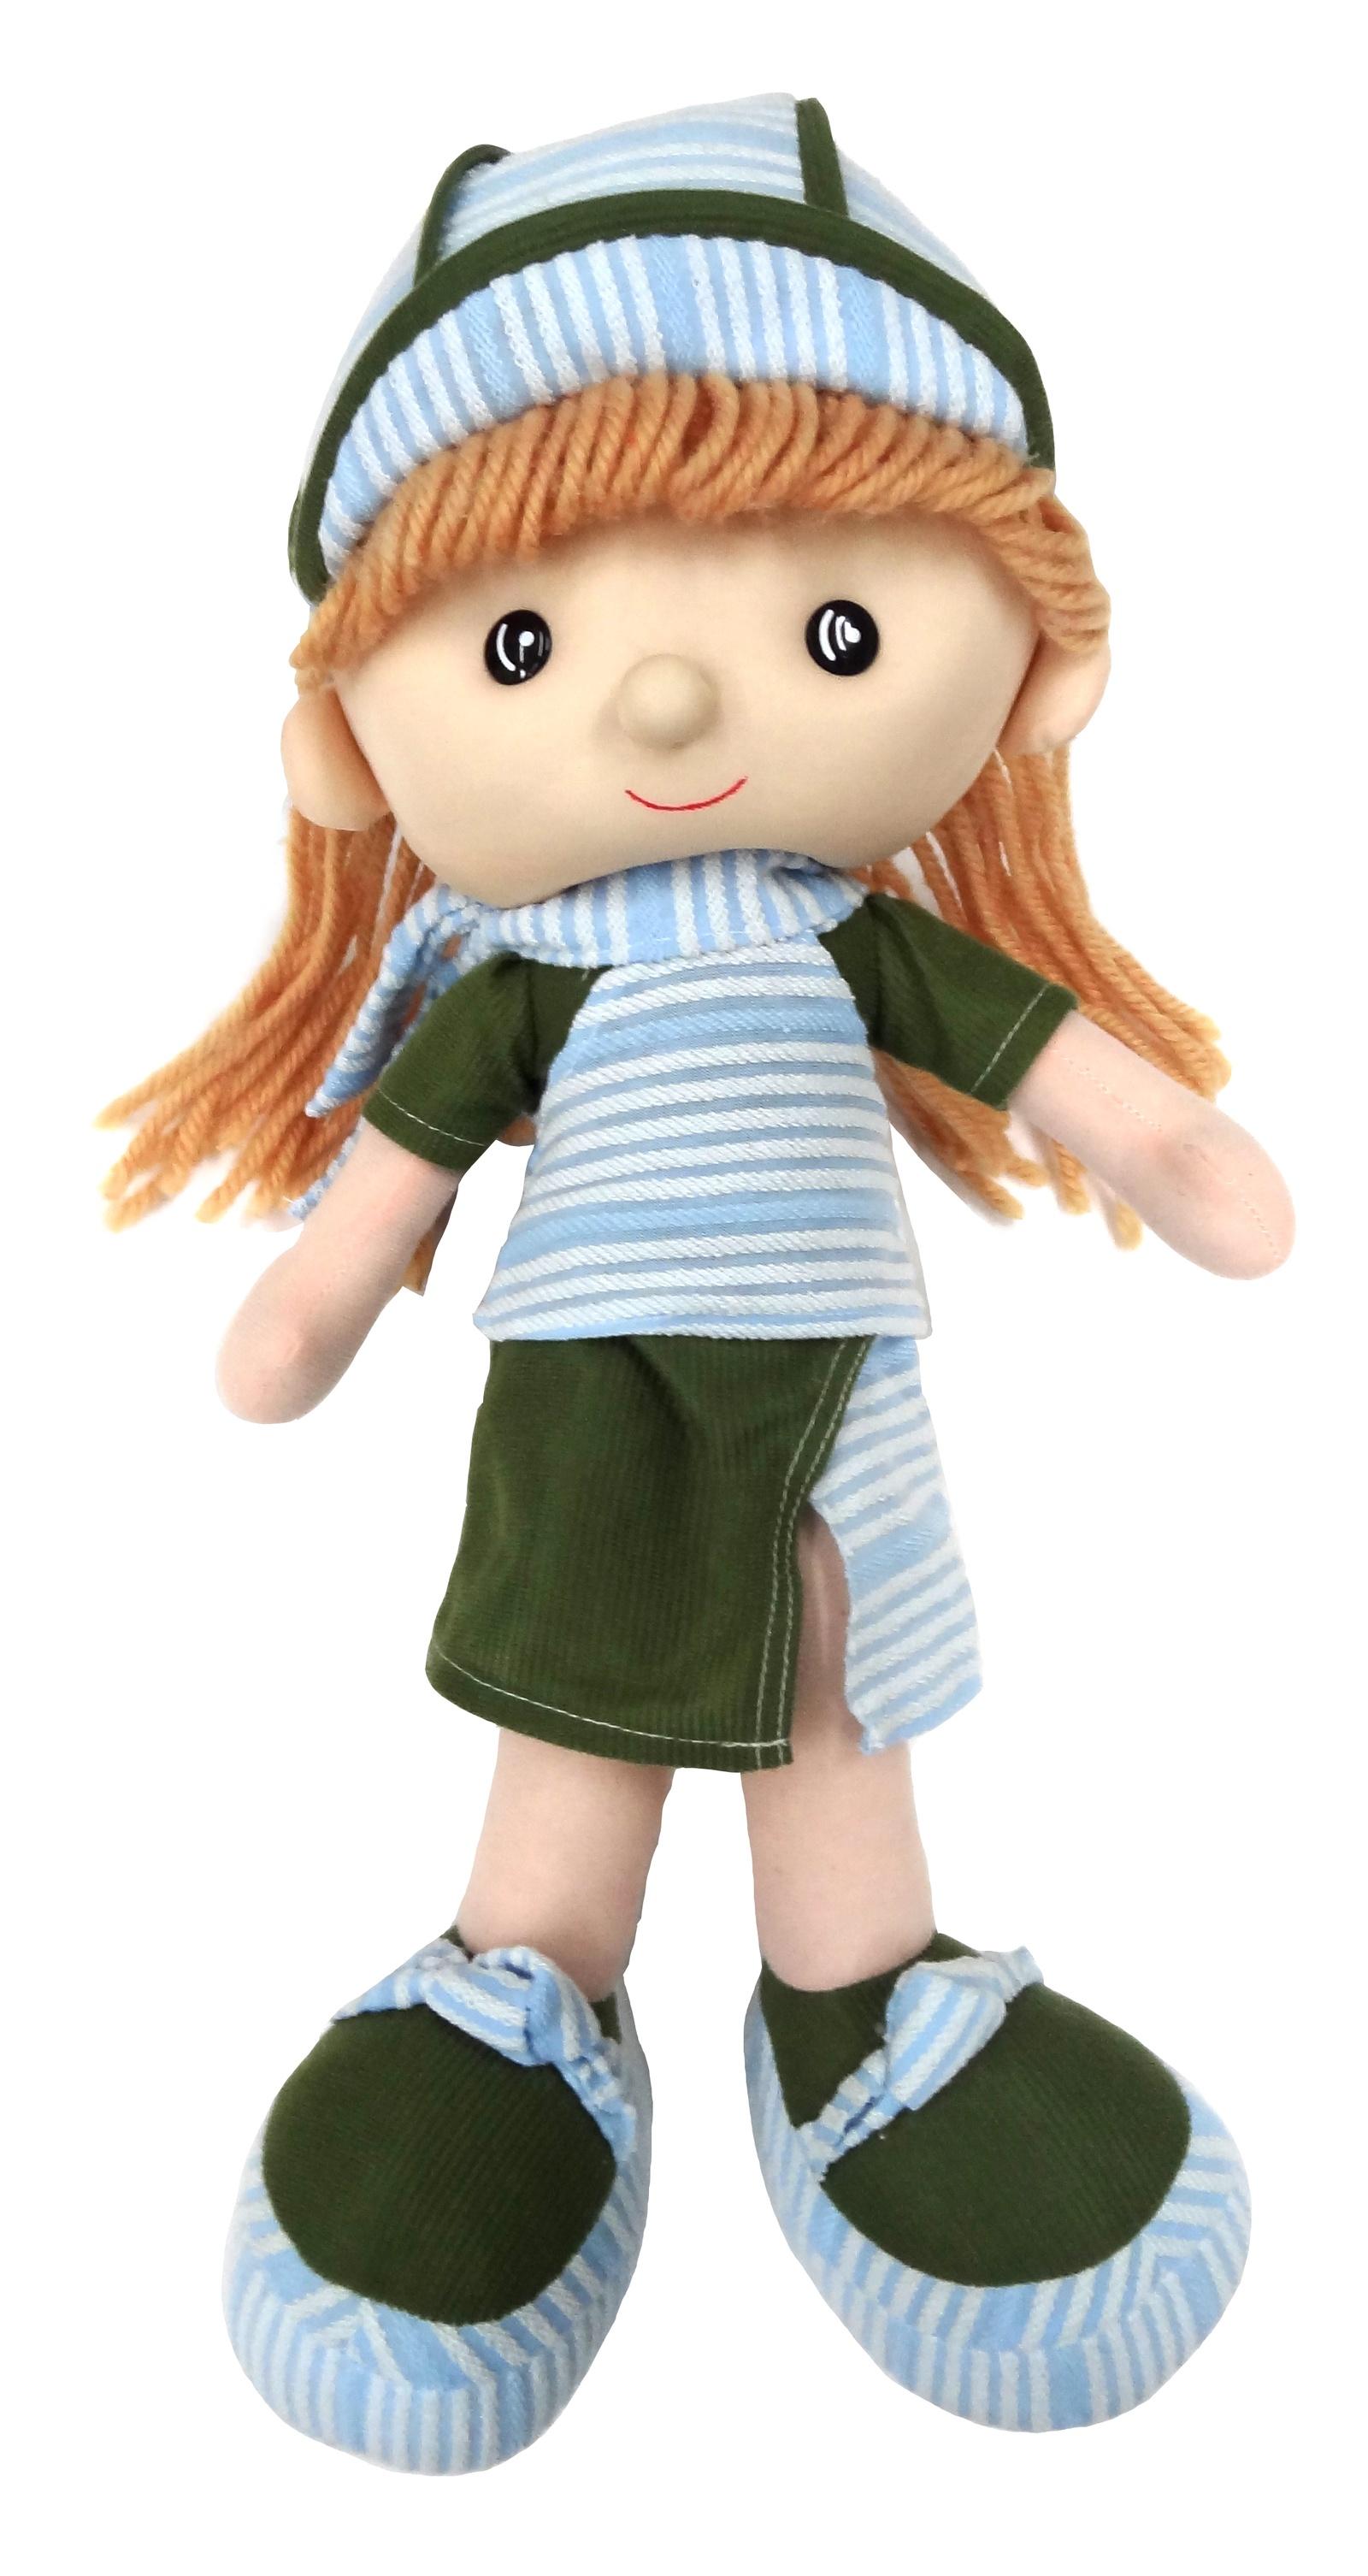 Мягкая кукла Правила Успеха Модель «Злата», 4610009215921